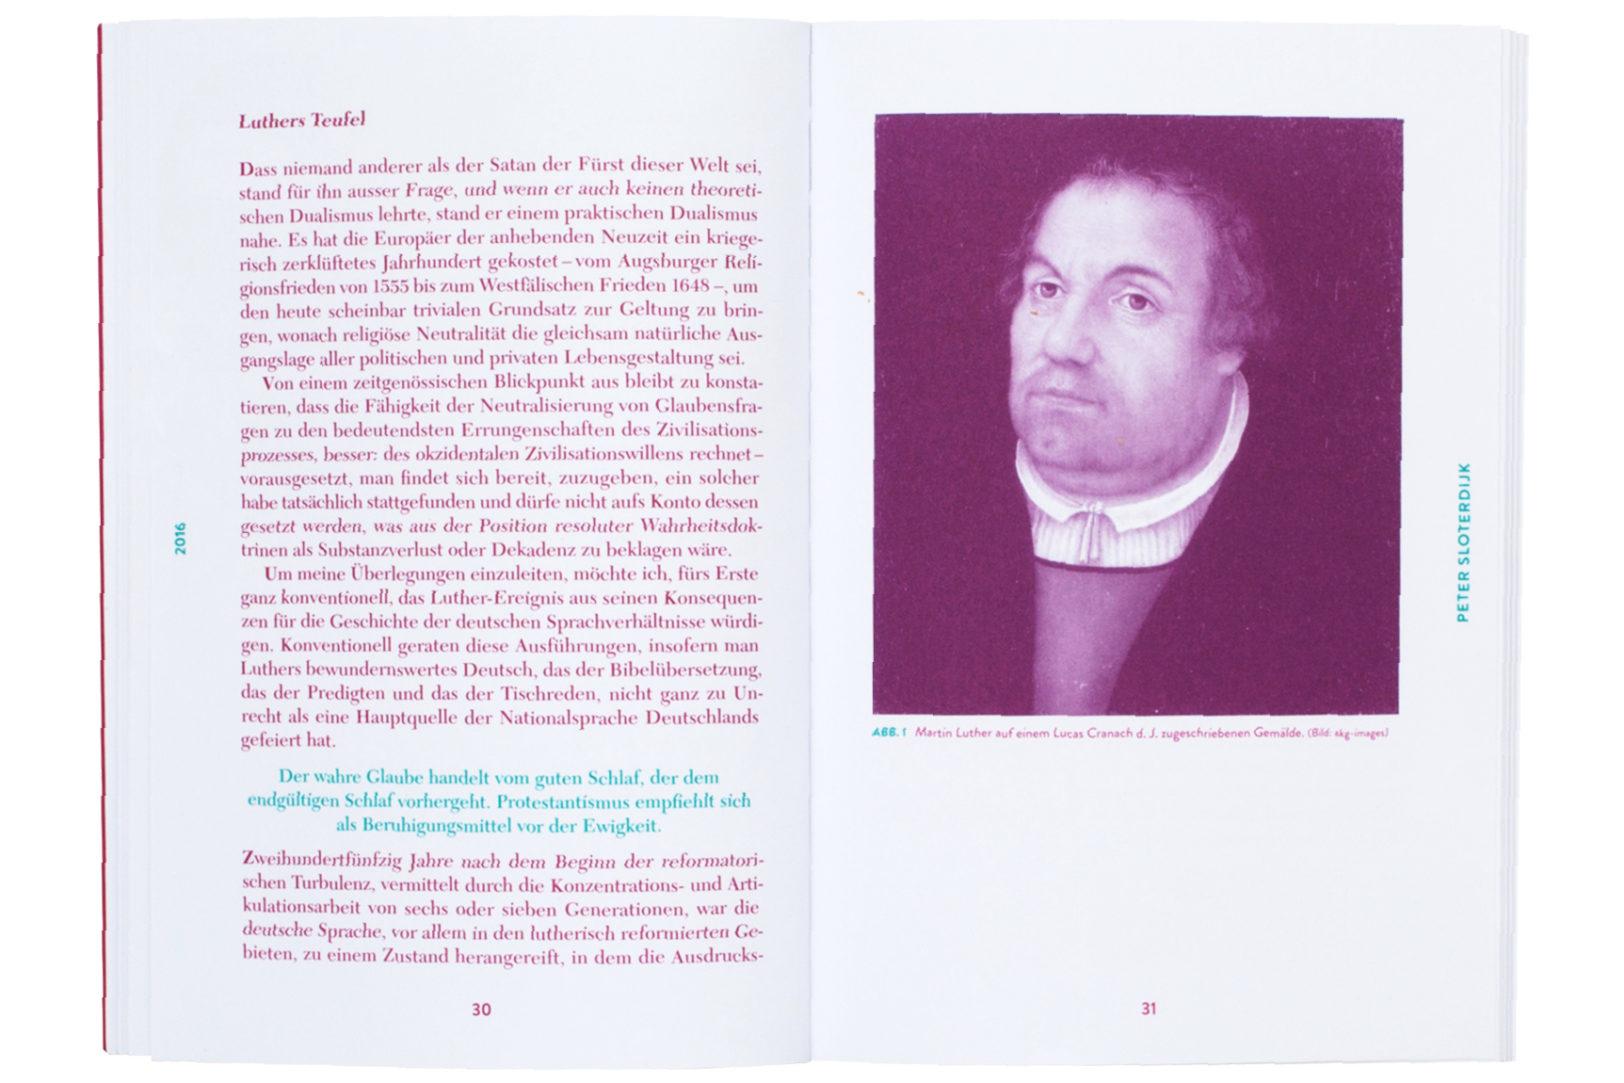 http://e-o-t.de/wordpress/wp-content/uploads/2017/12/e-o-t-2017-Books-ref-leselust-8.jpg